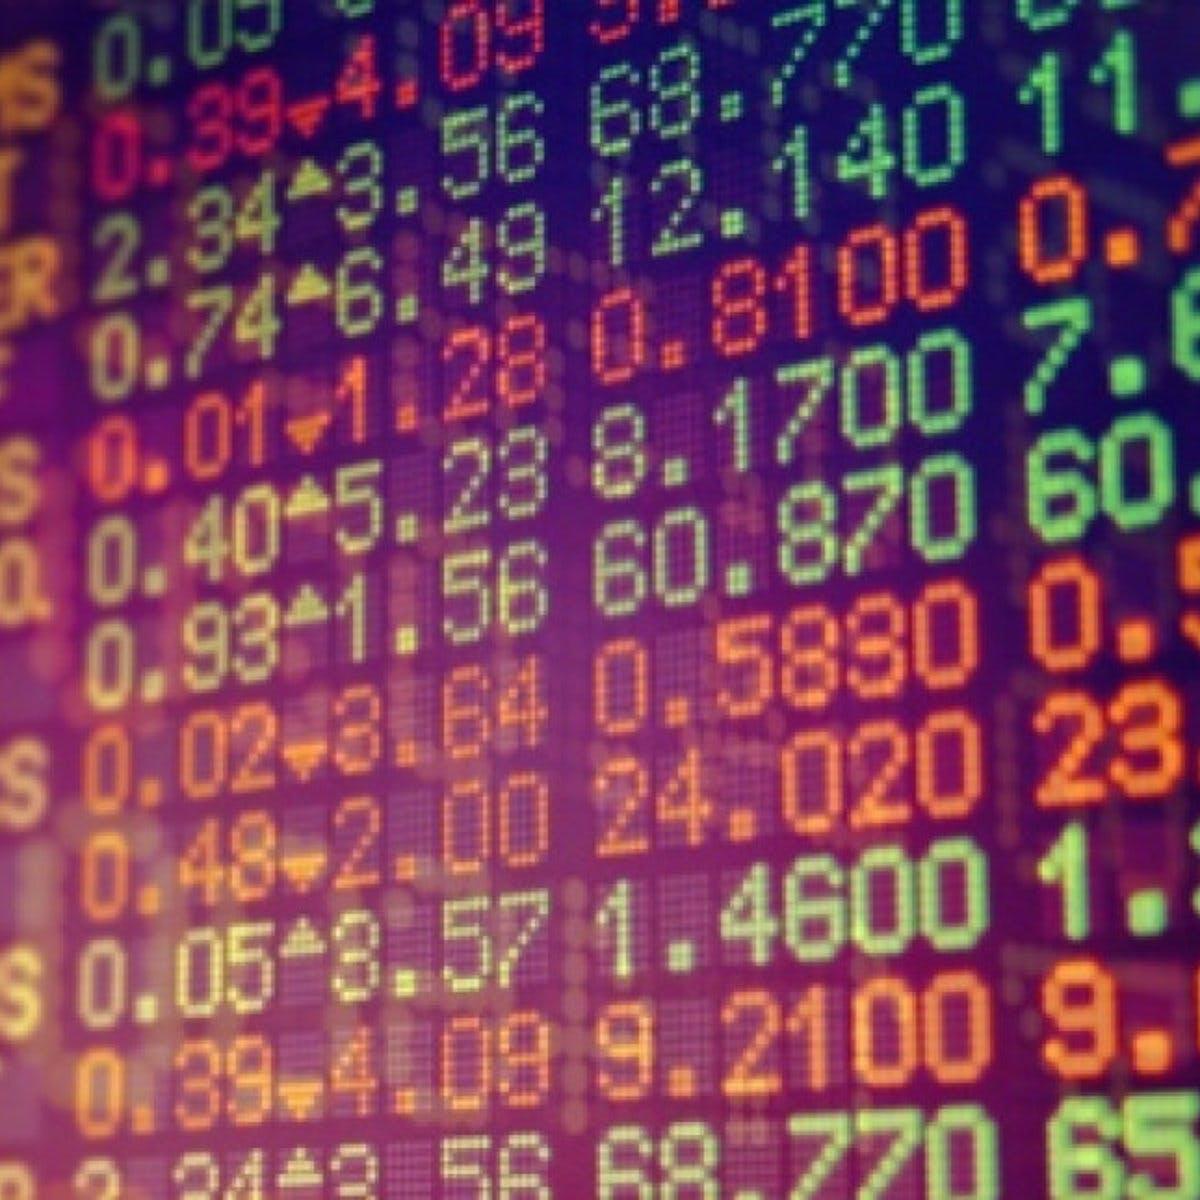 Trading Algorithms